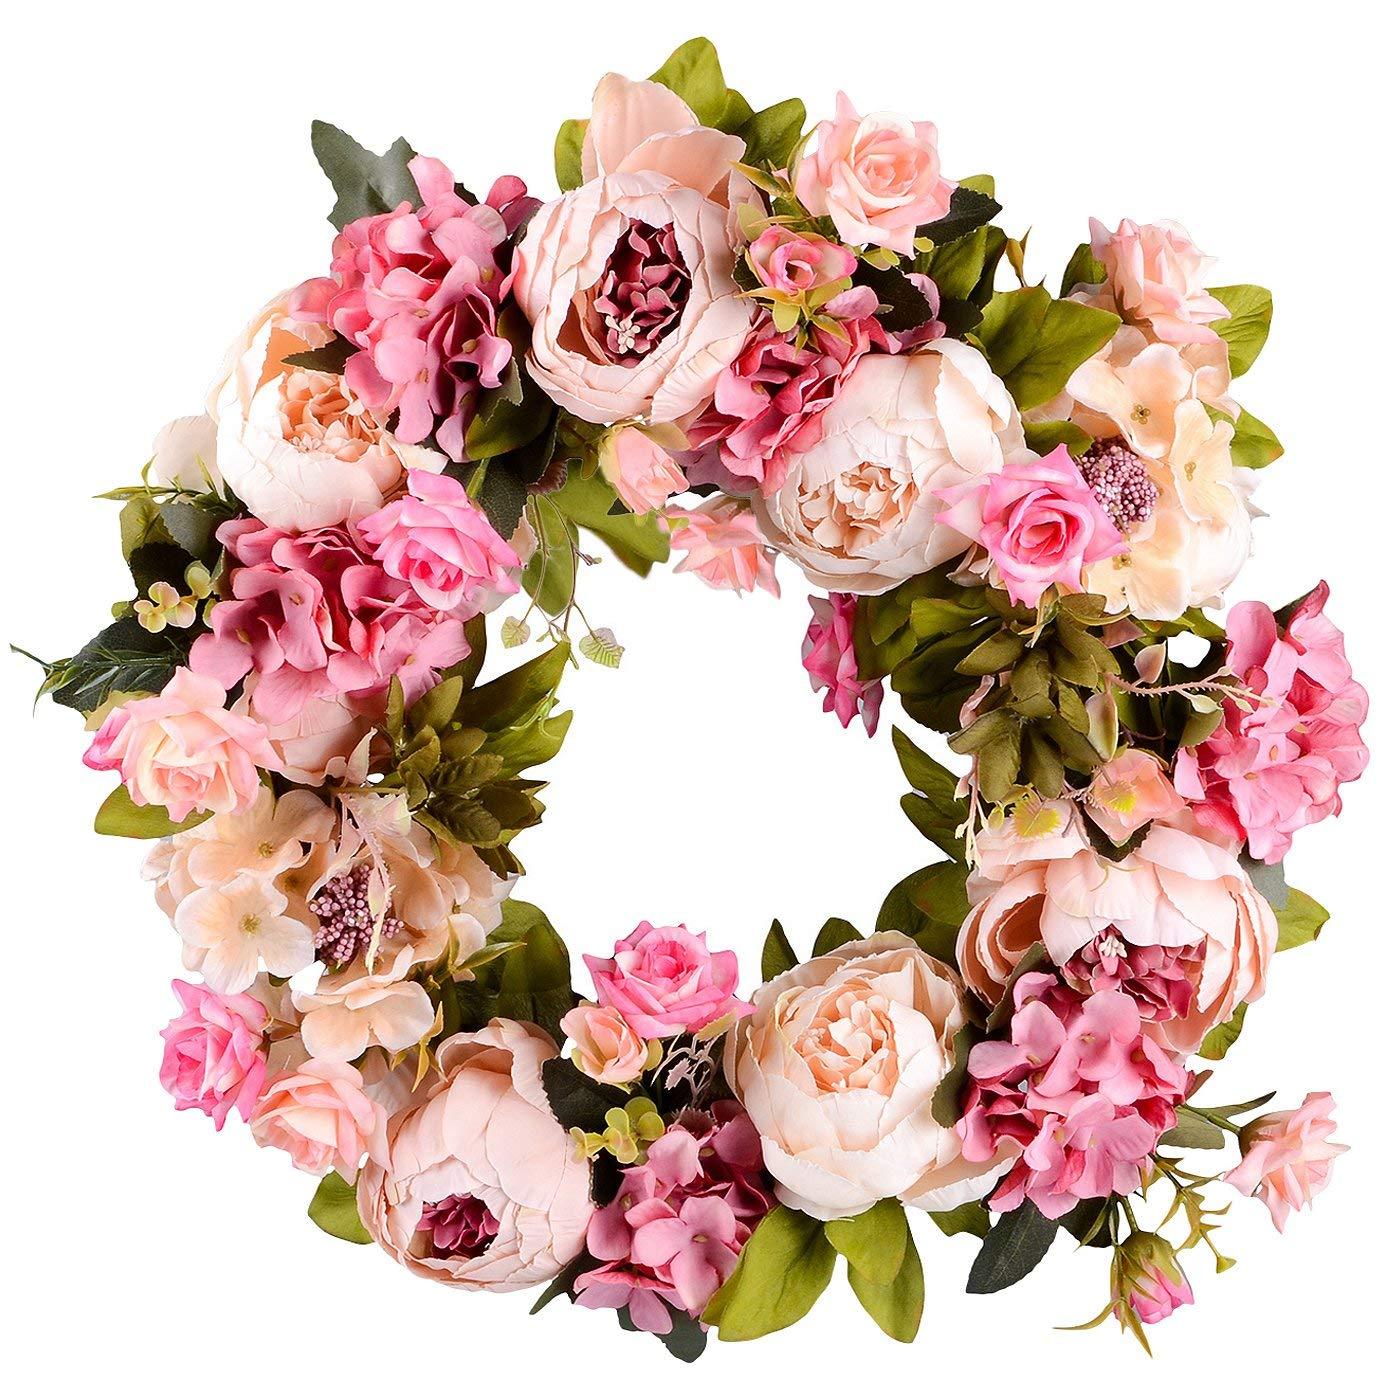 Женский венок с пионами, 16 дюймов, весенний Круглый венок для входной двери, свадьба, домашний декор, новинка 2021